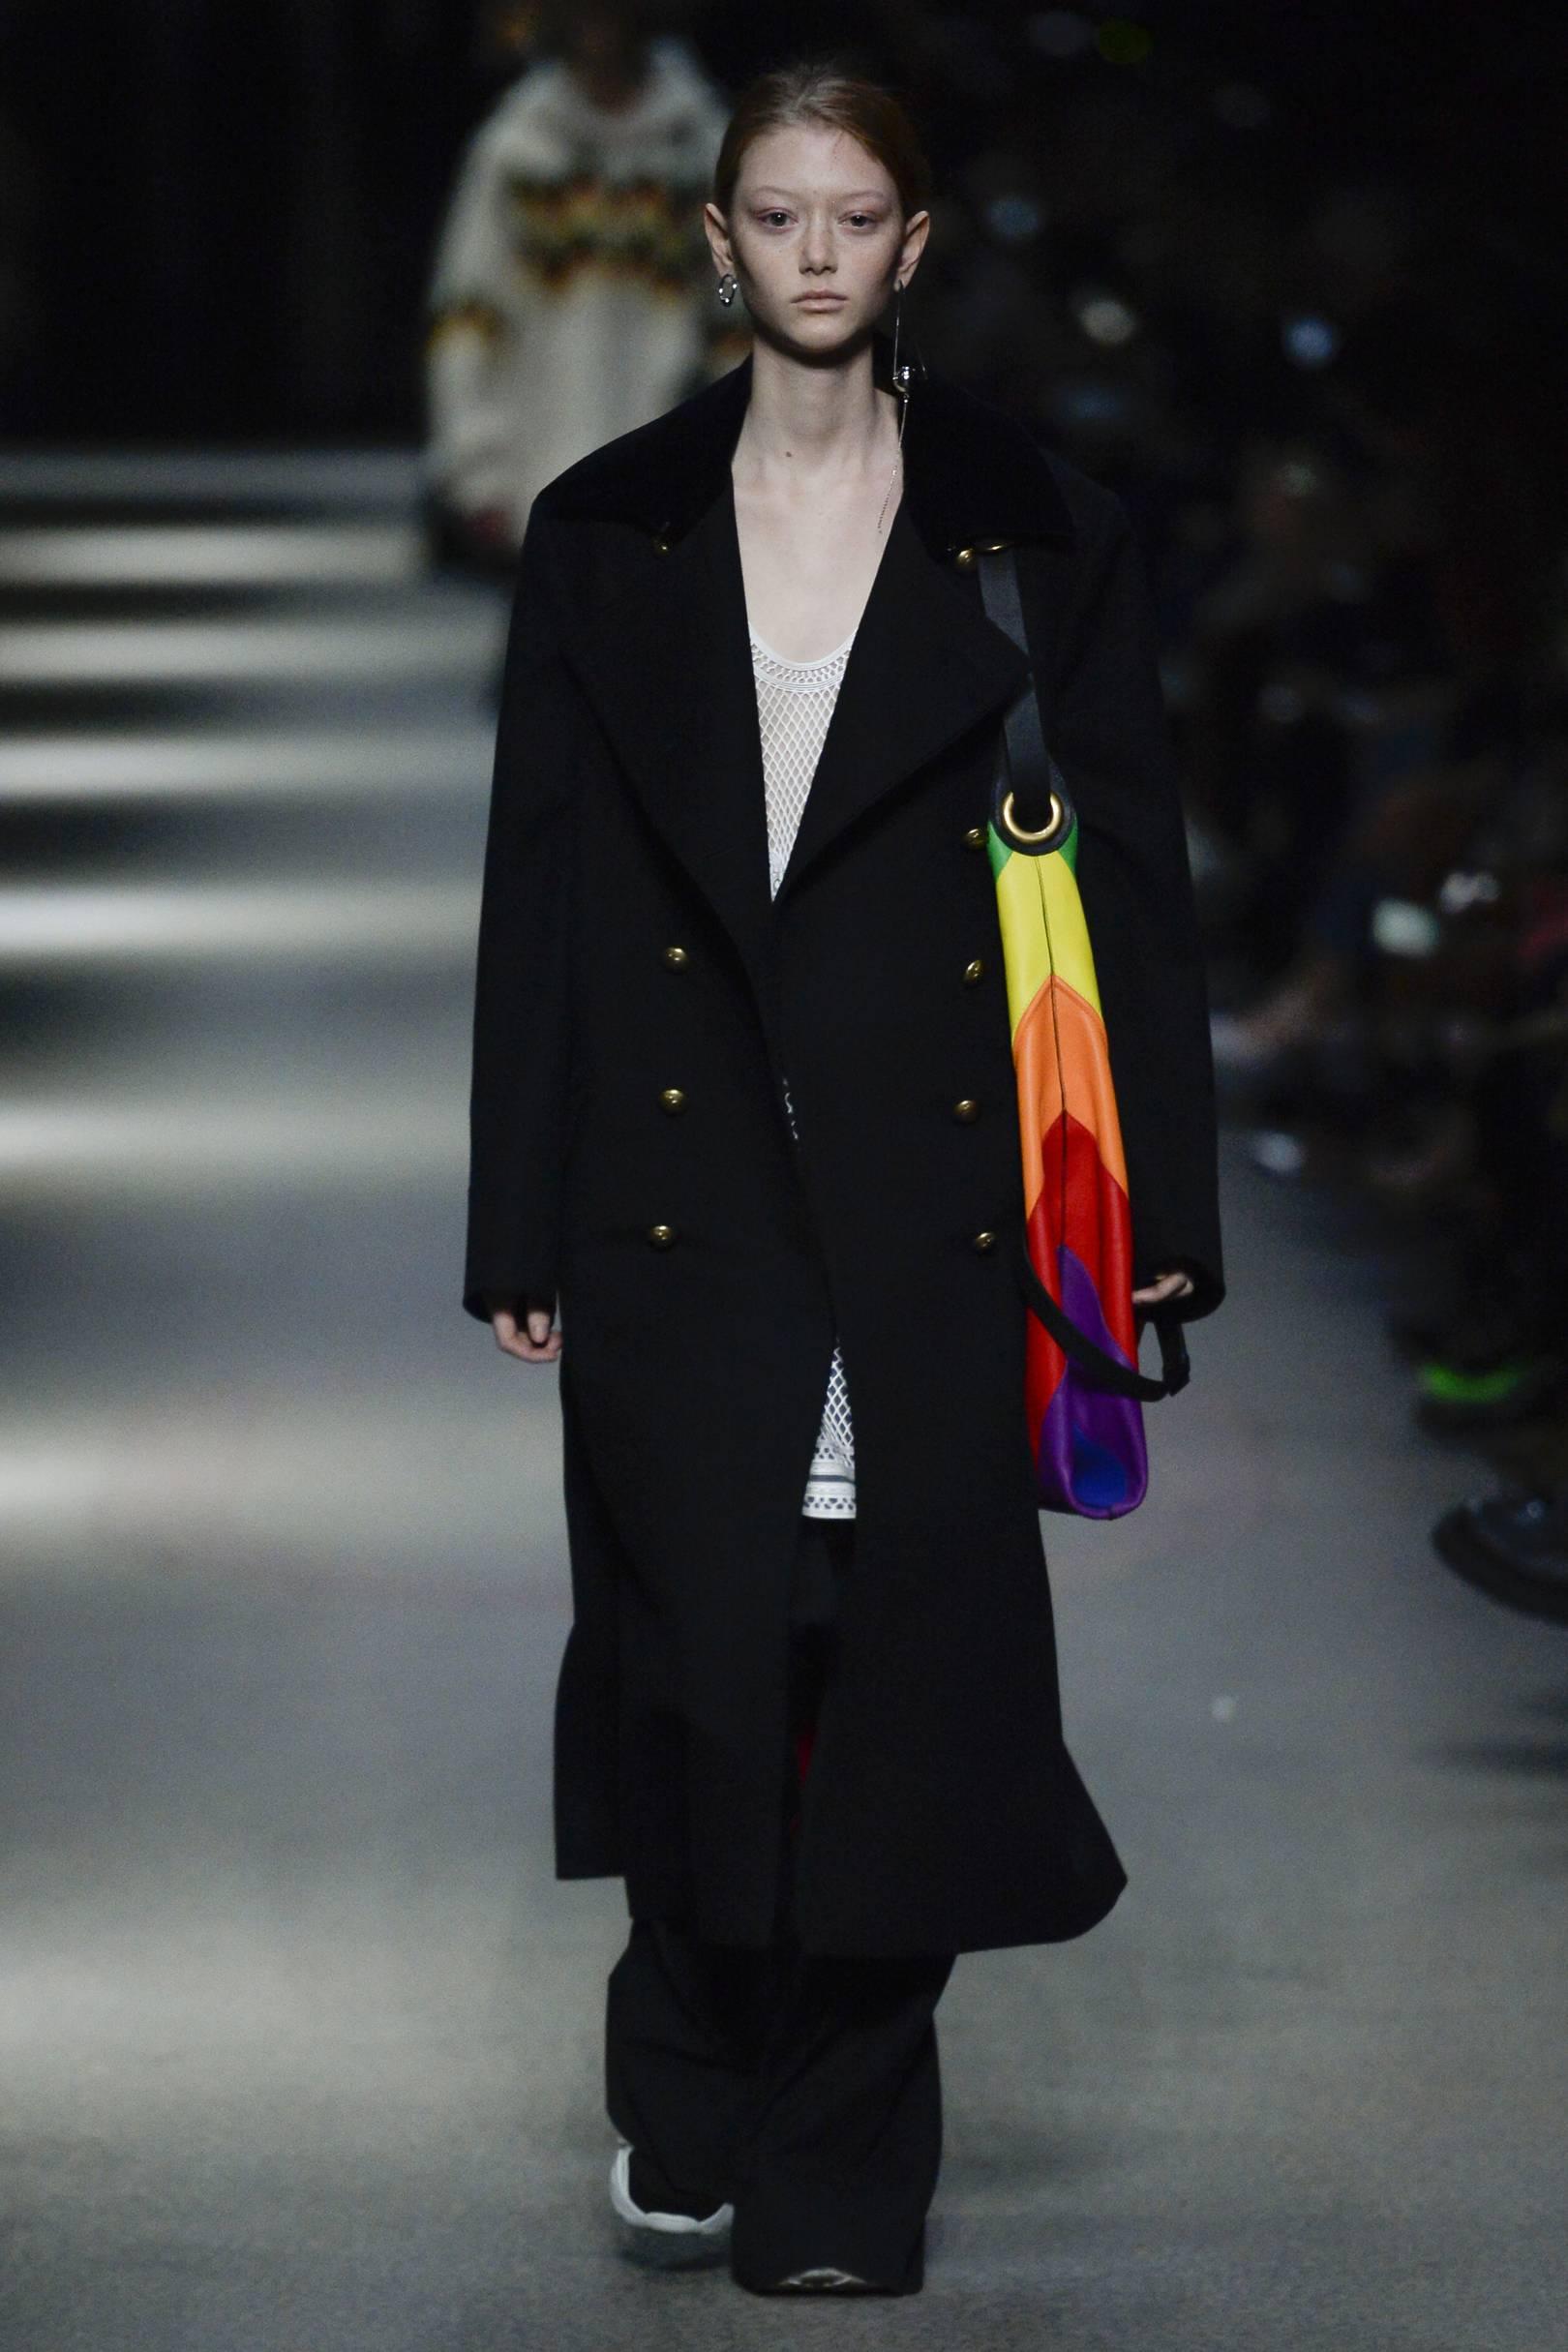 Armani fashion house refused to use furs 03/22/2016 76